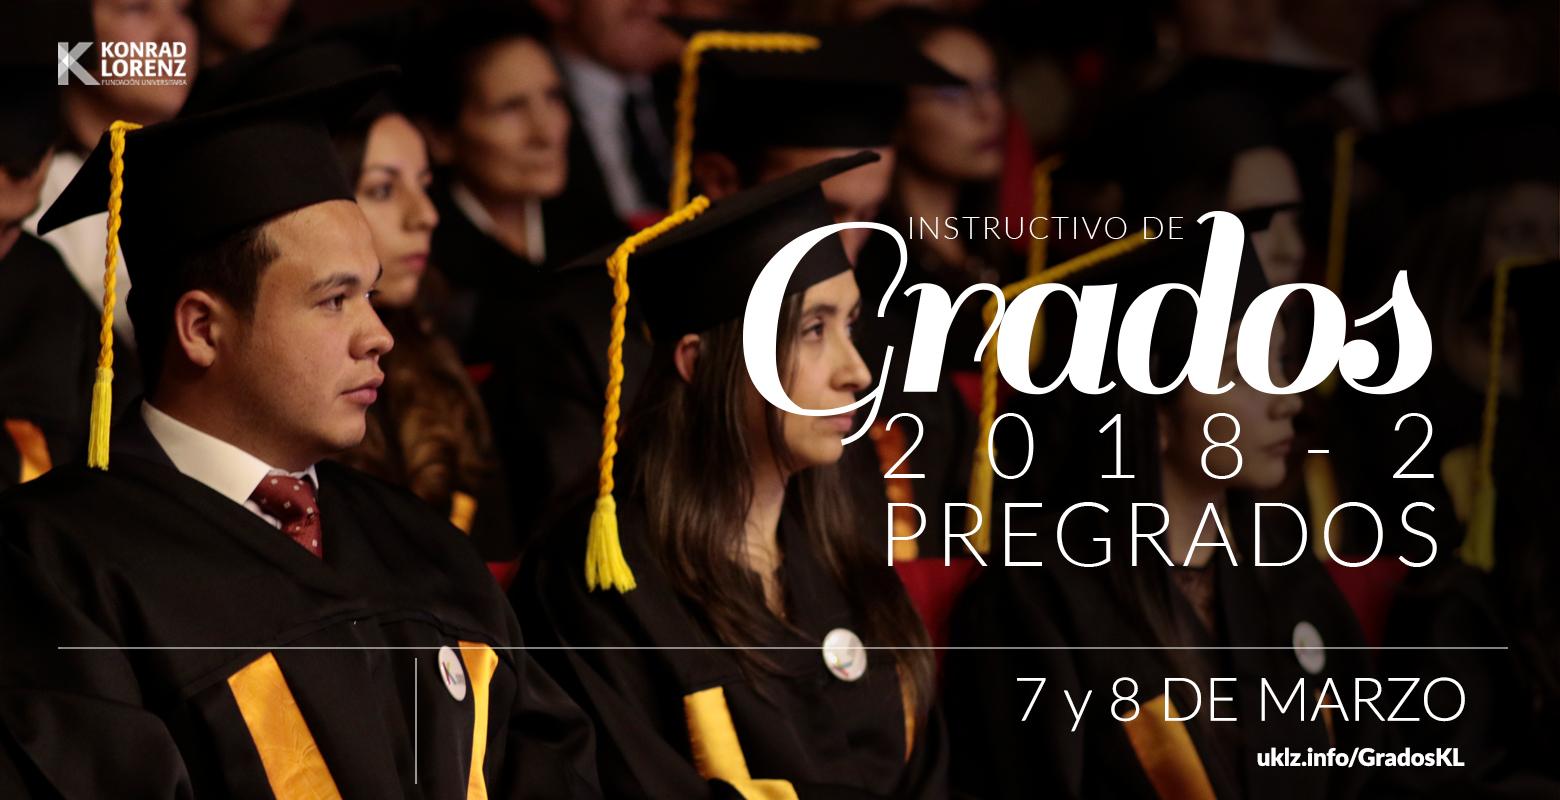 Instructivo de Grados 2018-2 Pregrados